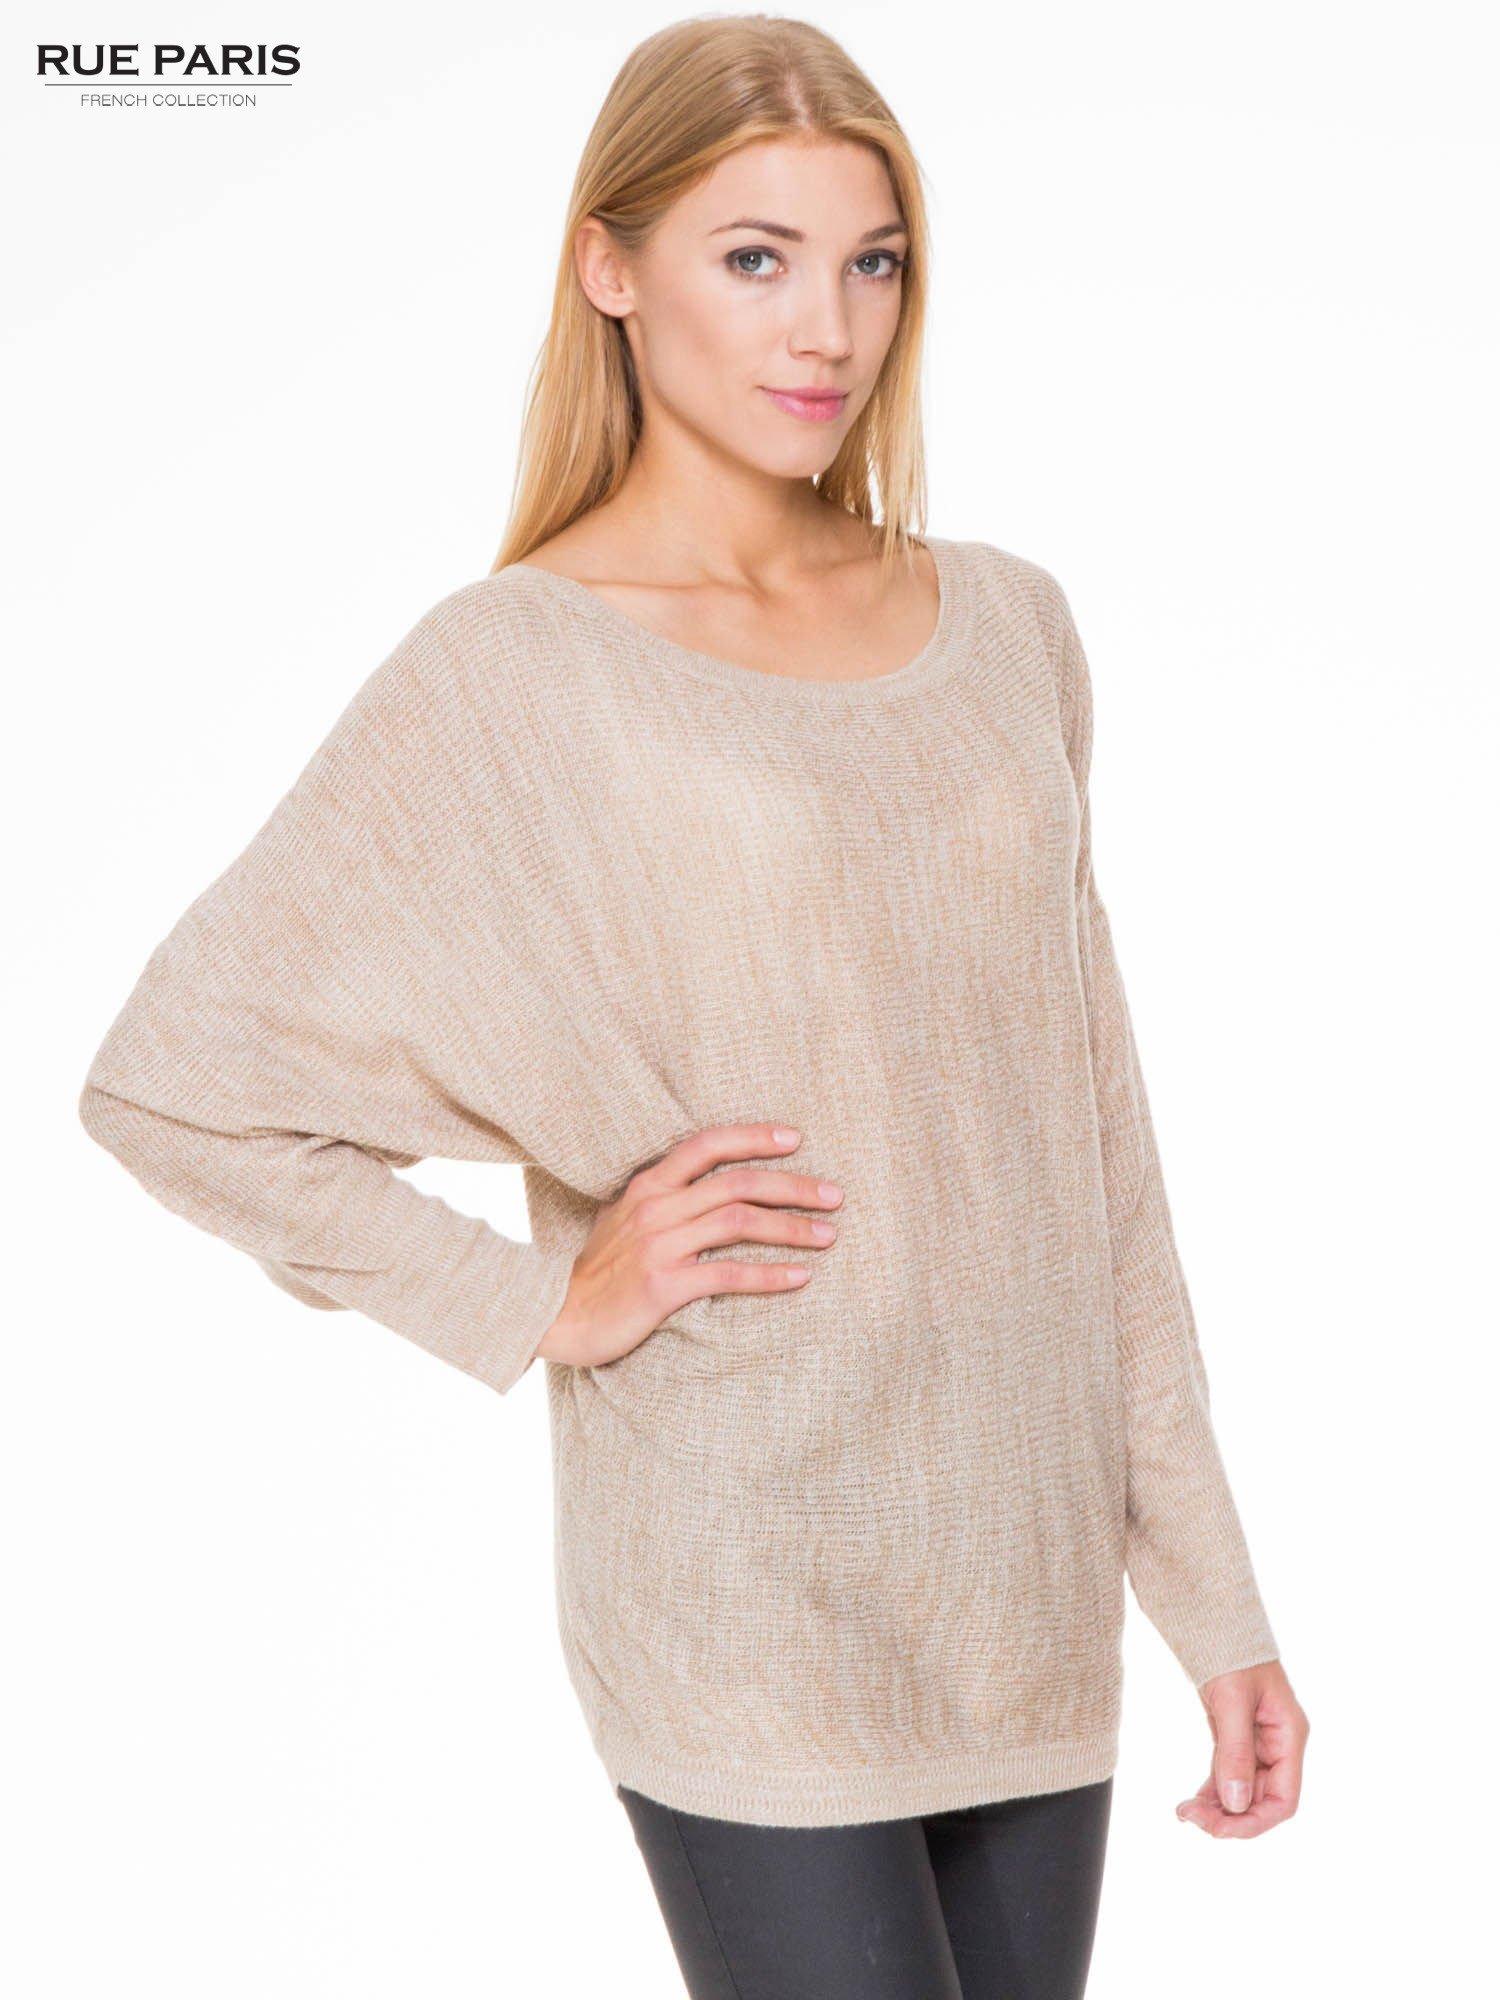 Beżowy sweter z nietoperzowymi rękawami                                  zdj.                                  1